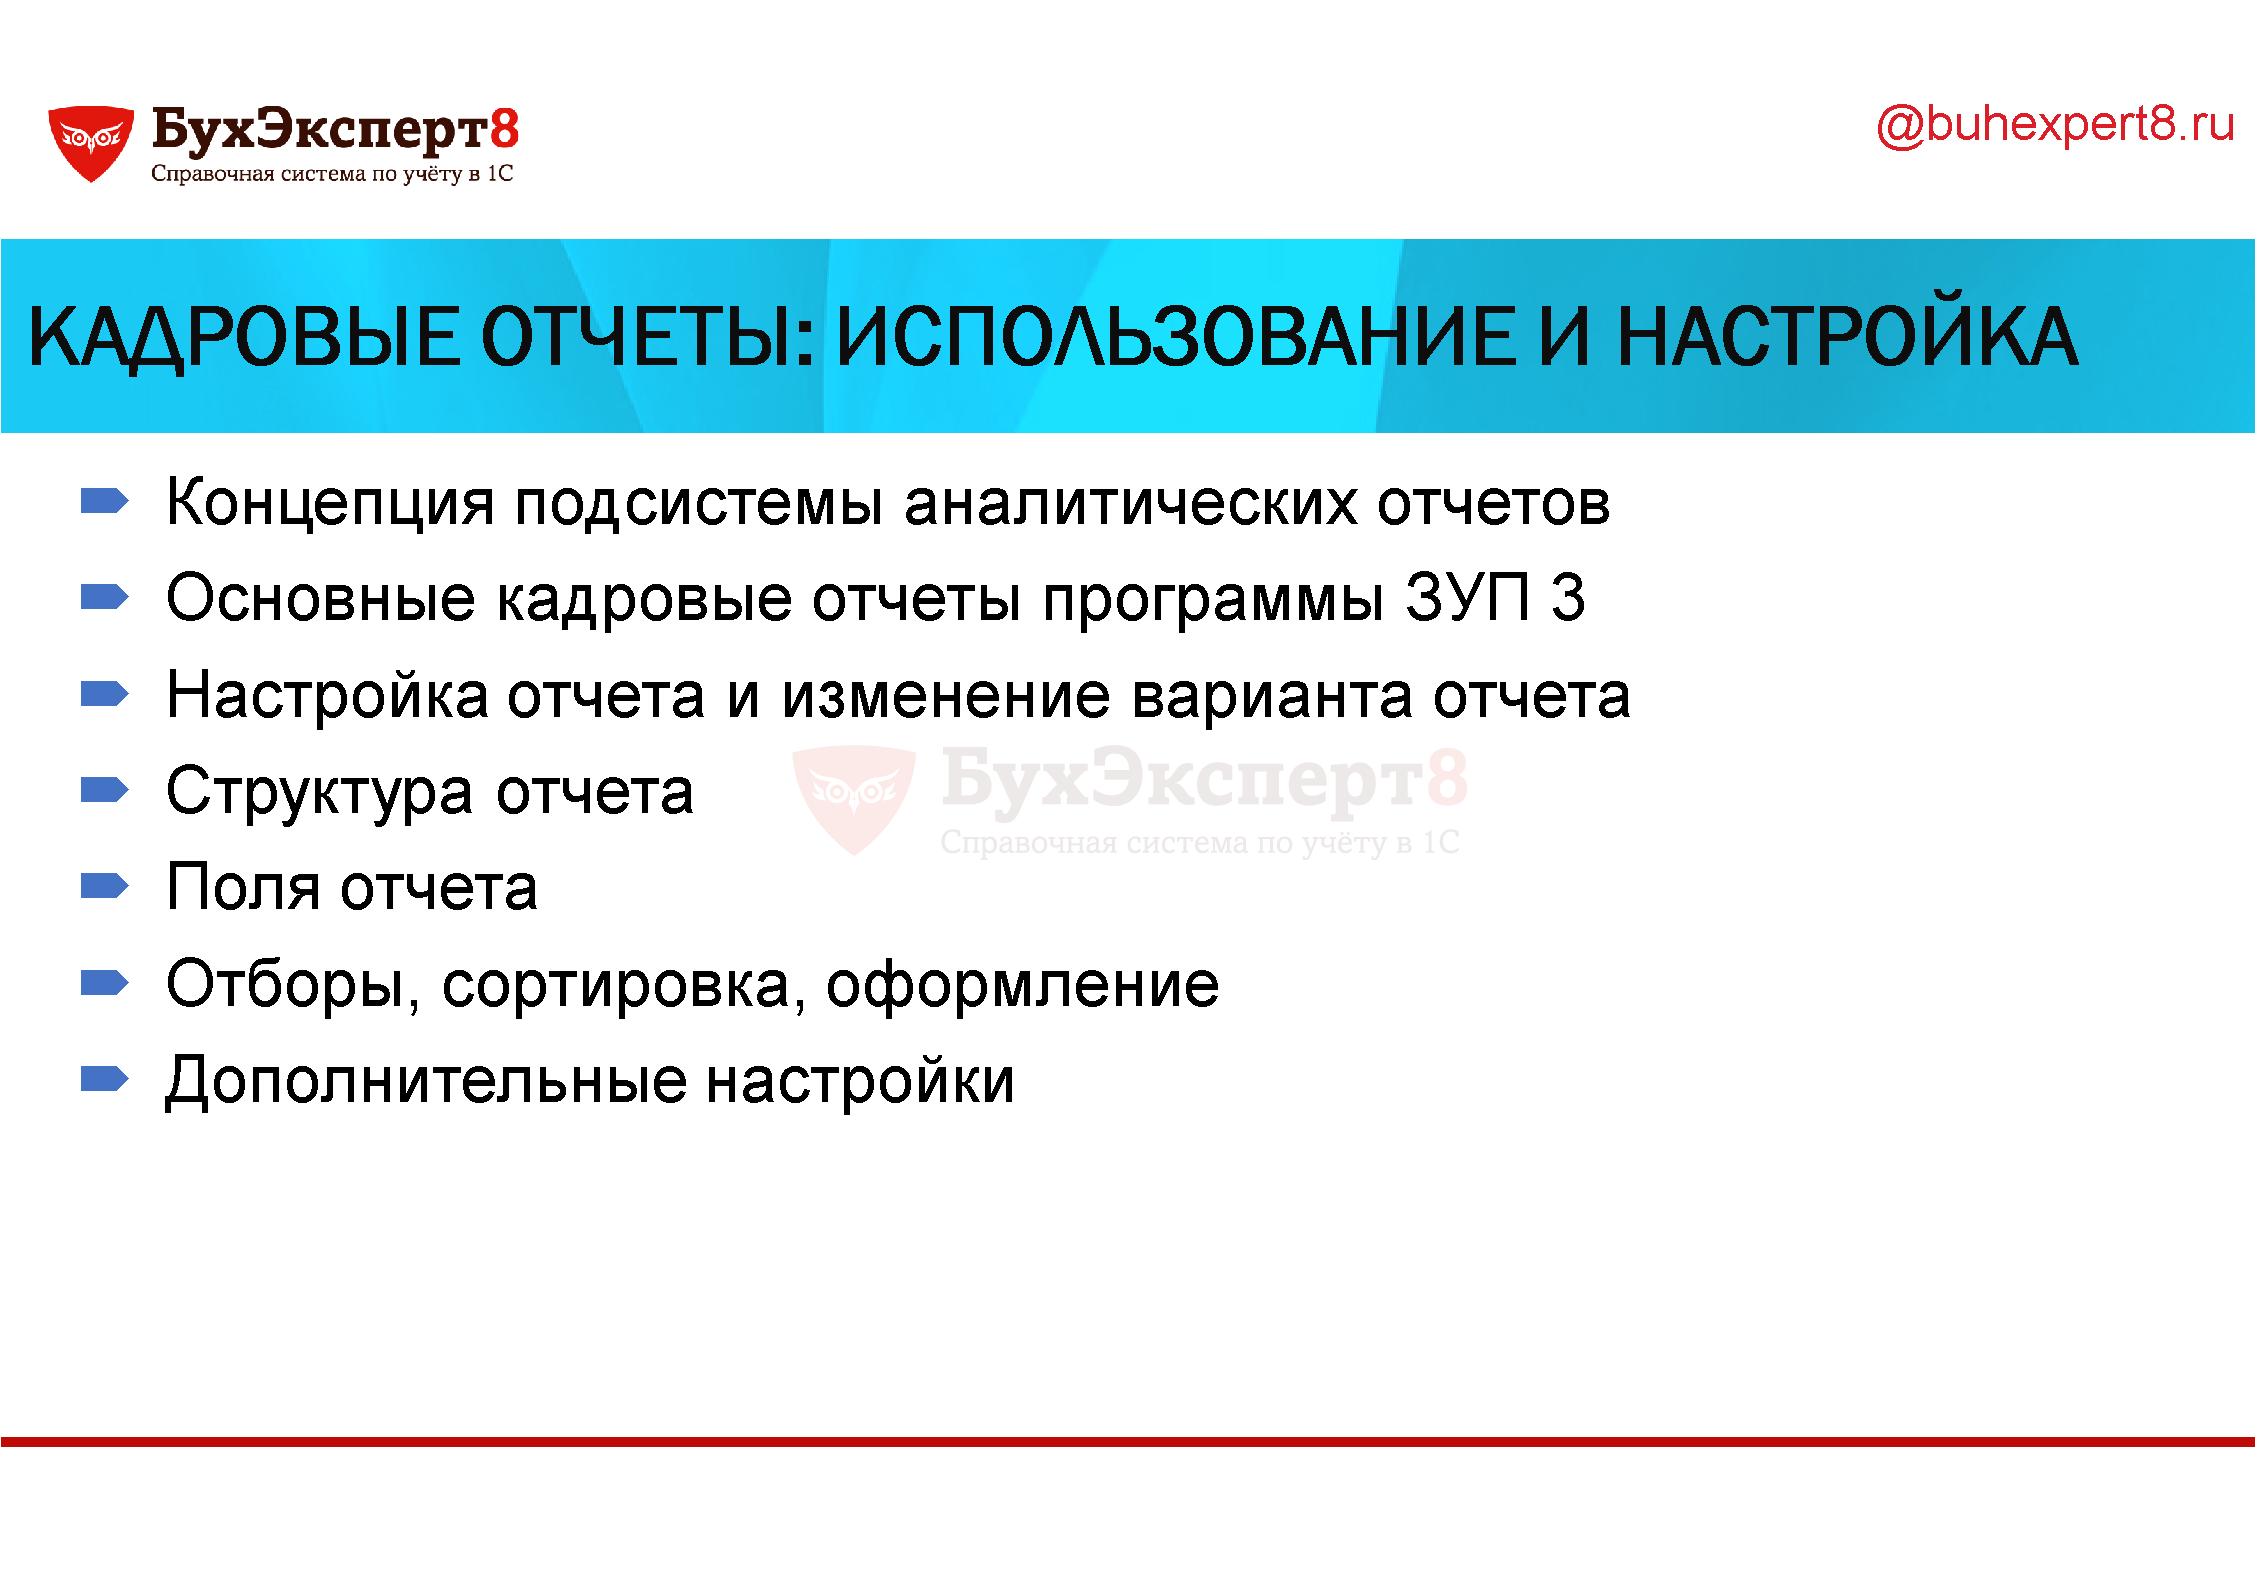 Кадровые отчеты: использование и настройка Концепция подсистемы аналитических отчетов Основные кадровые отчеты программы ЗУП 3 Настройка отчета и изменение варианта отчета Структура отчета Поля отчета Отборы, сортировка, оформление Дополнительные настройки